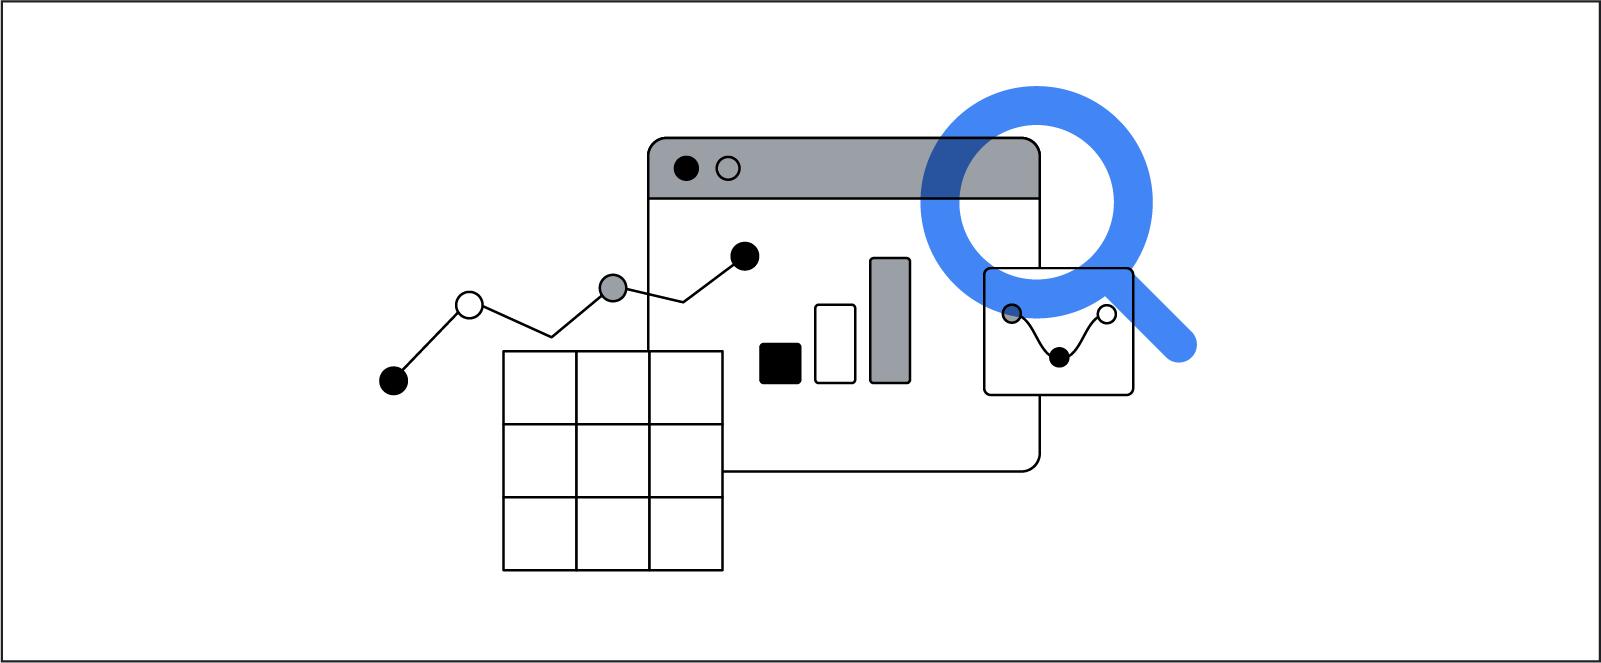 Стилизованное изображение нескольких наложенных друг на друга графиков и диаграмм и синего увеличительного стекла сверху.